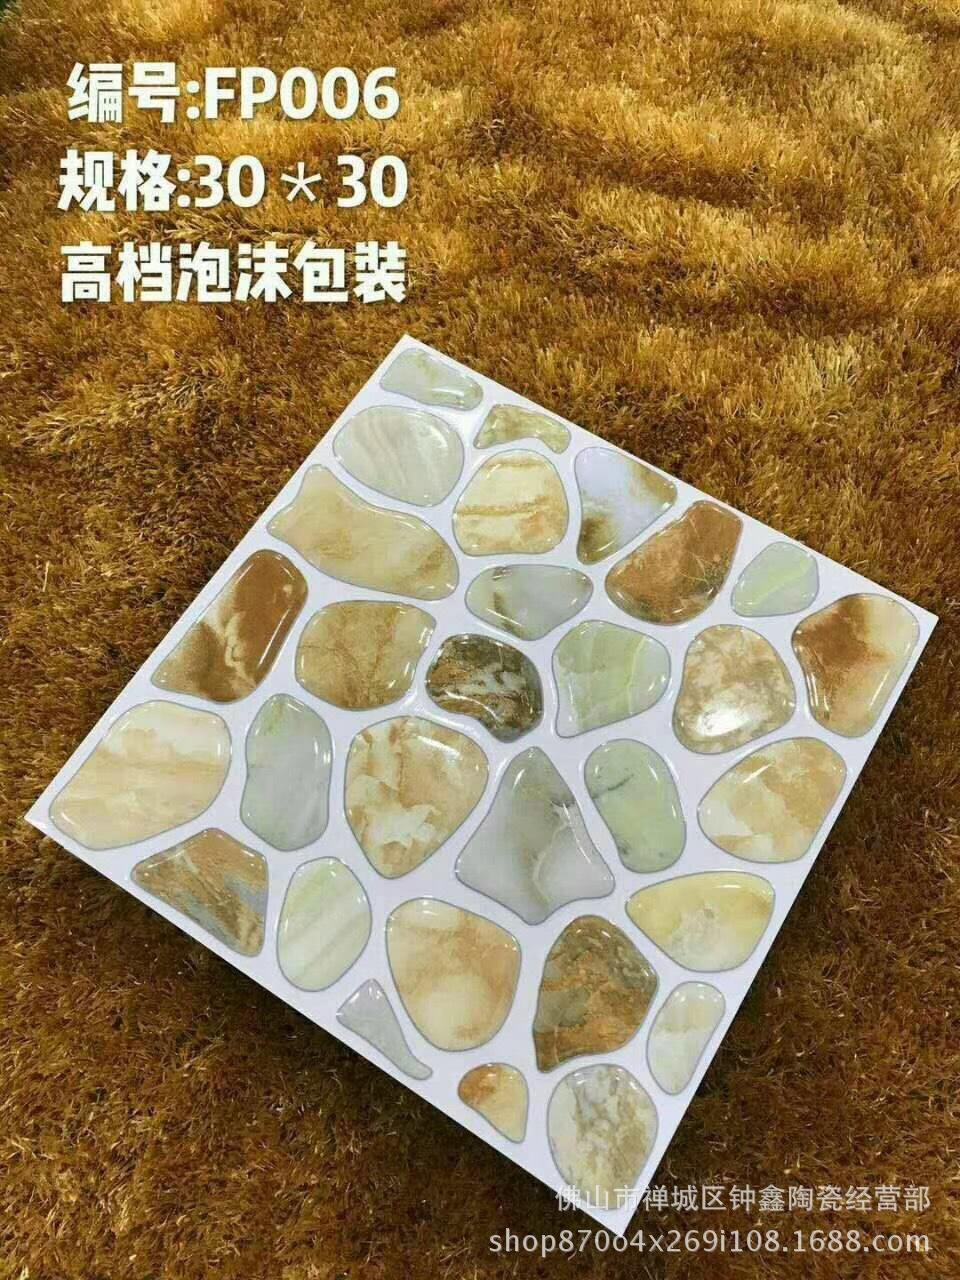 佛山陶瓷琥珀釉小地砖300*300 卫生间防滑砖  抛晶砖